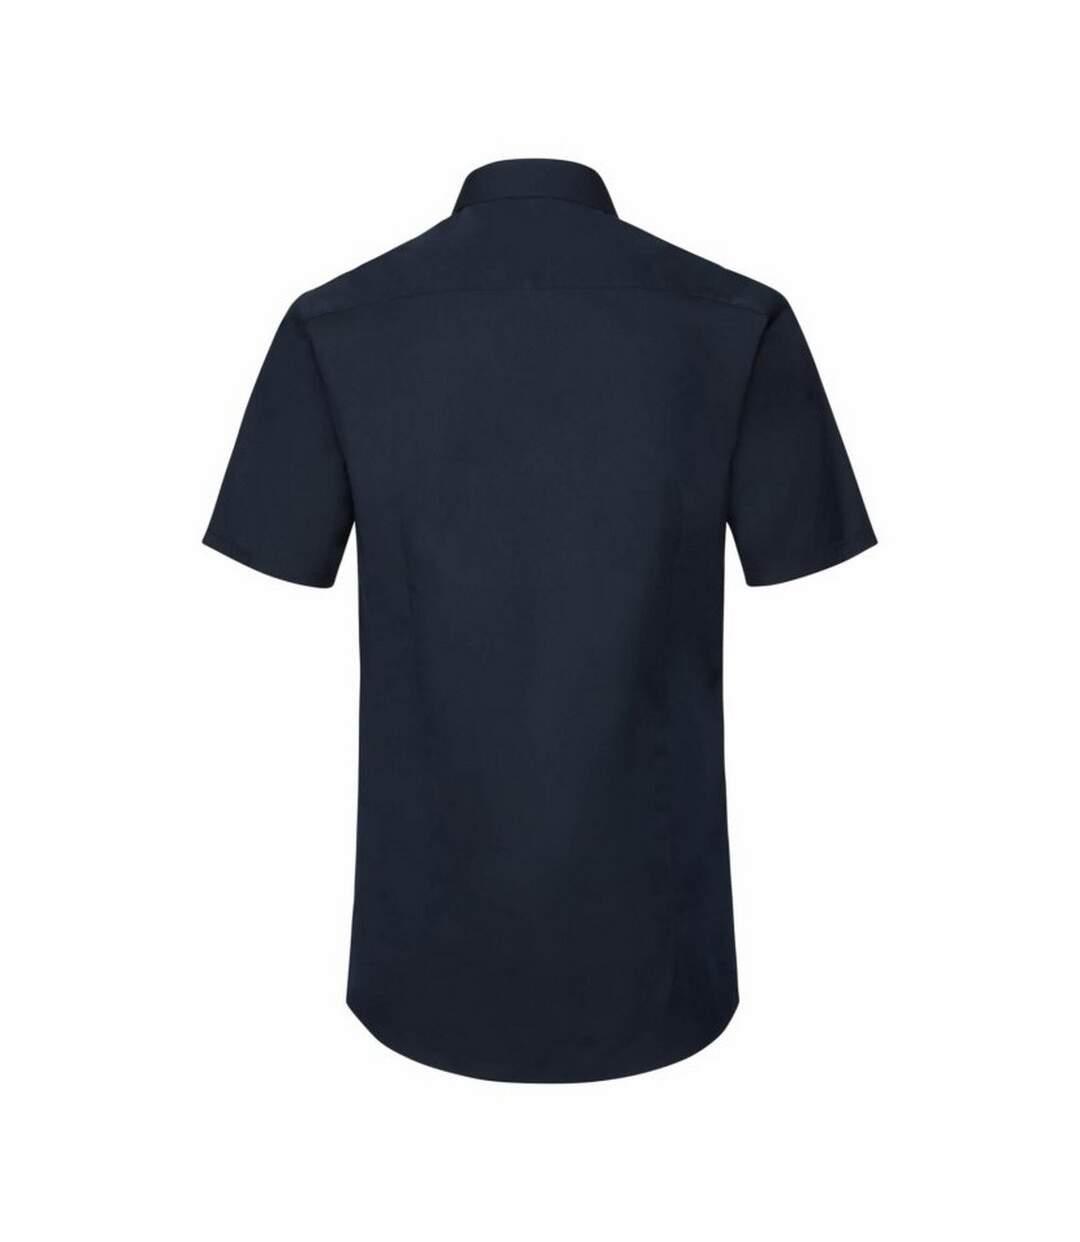 Russell Mens Short Sleeve Stretch Moisture Management Work Shirt (Bright Navy) - UTBC2739